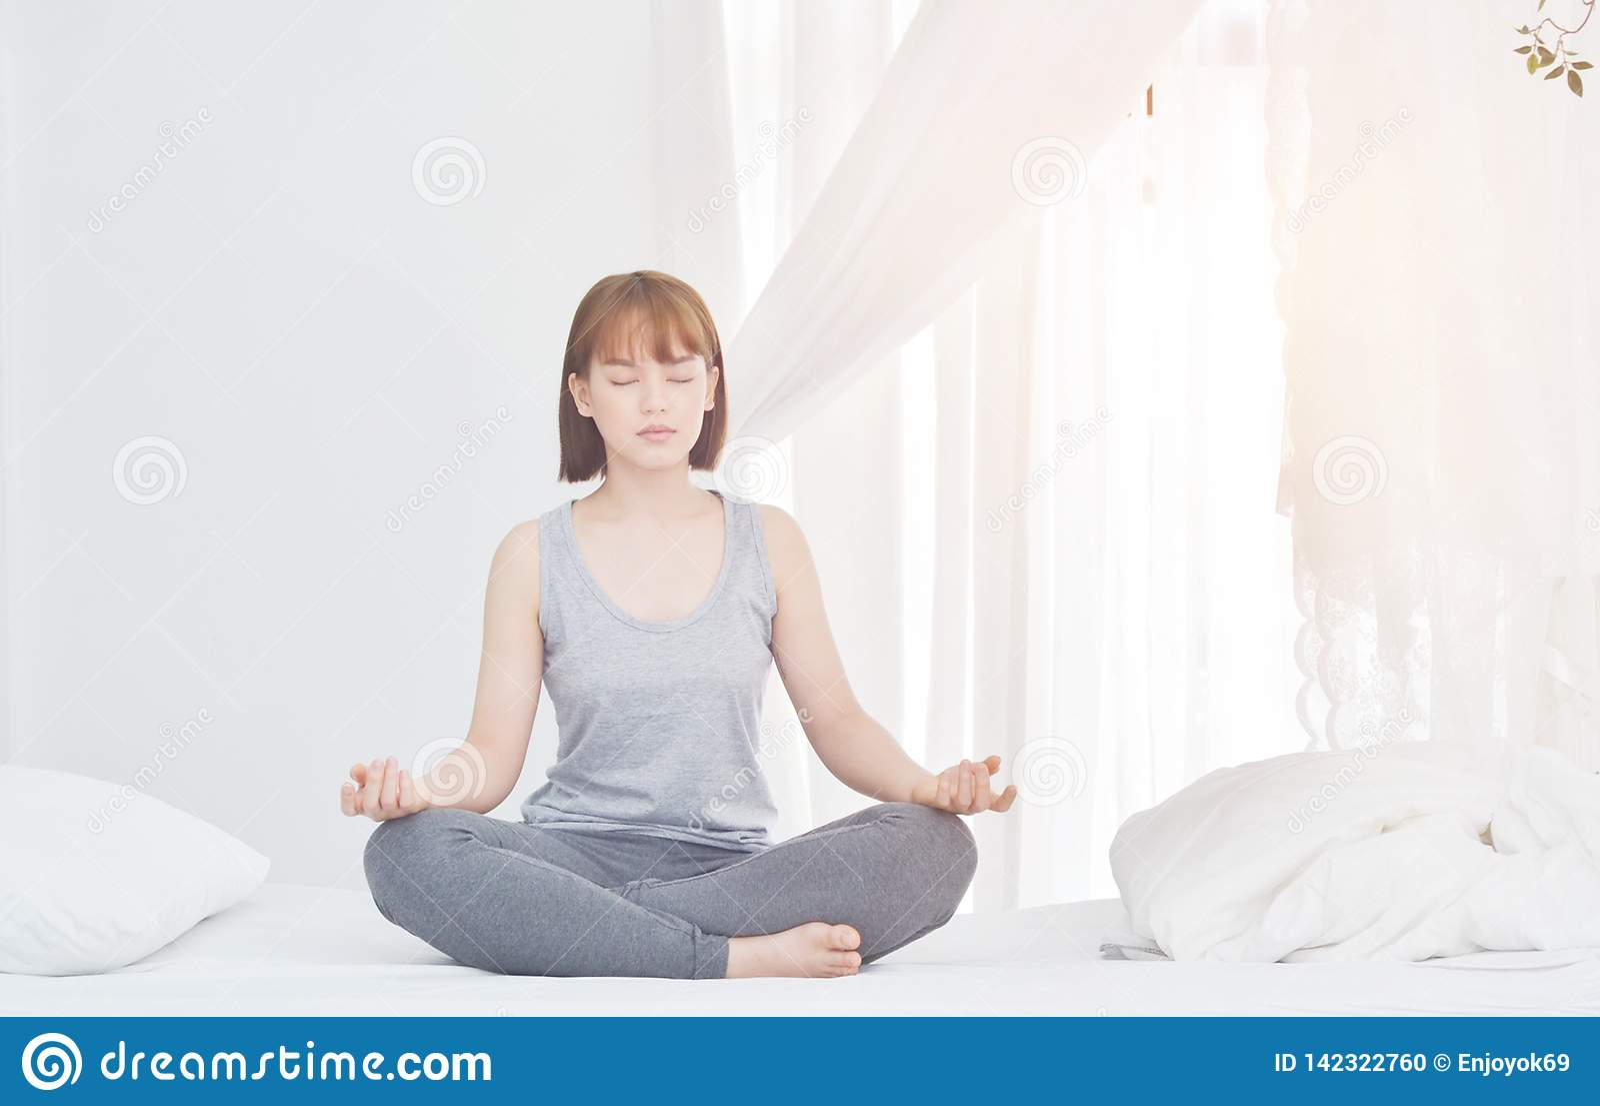 Женщины сидят на йоге на тюфяке